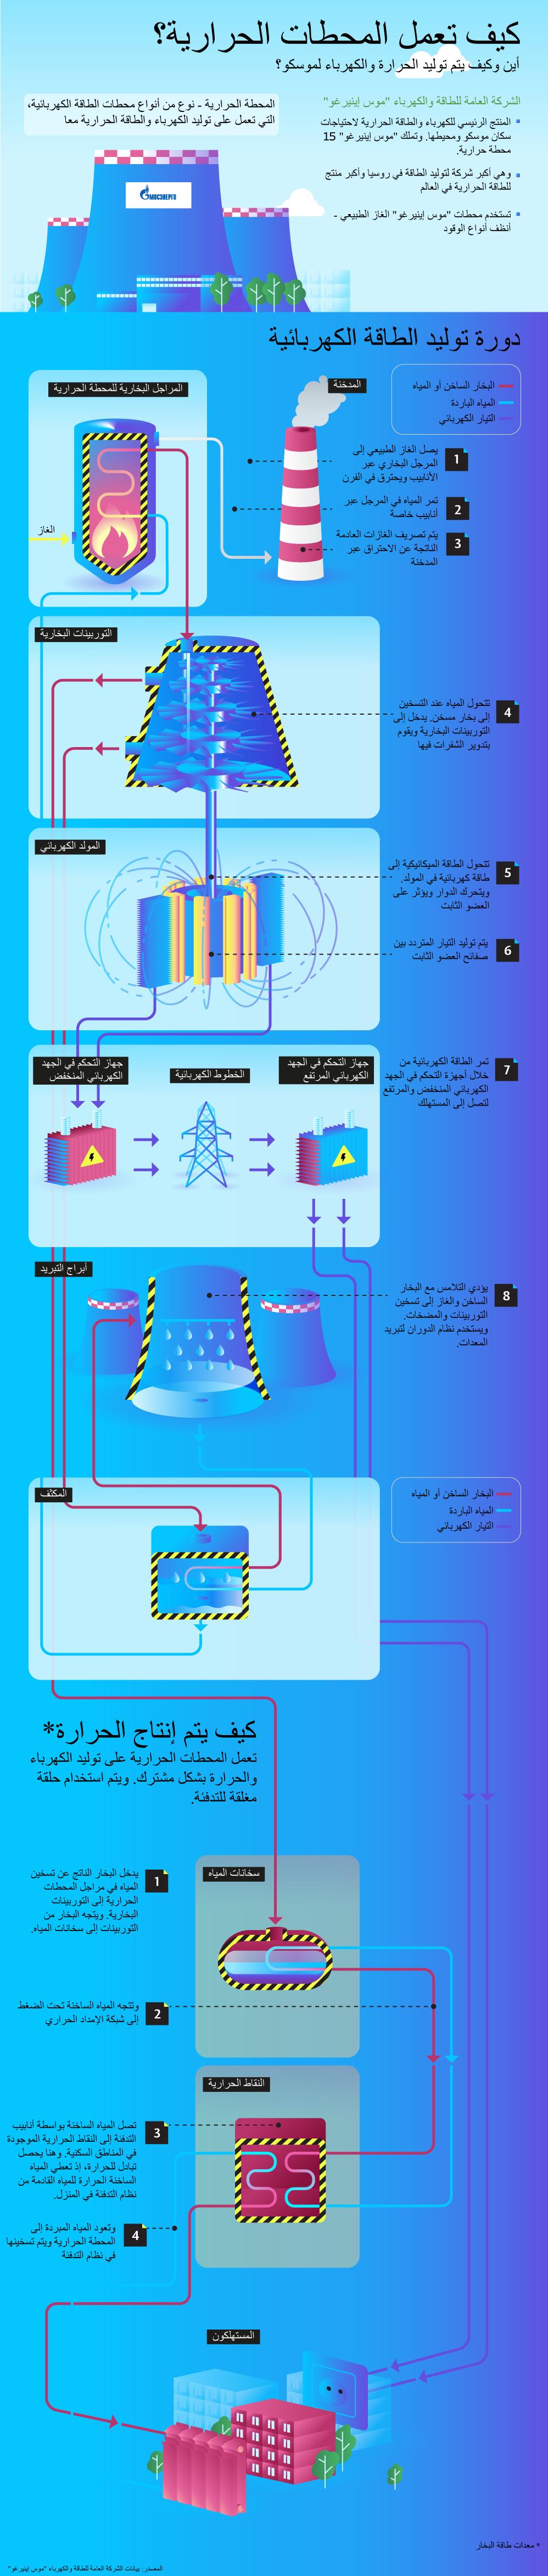 كيف تعمل المحطات الحرارية؟